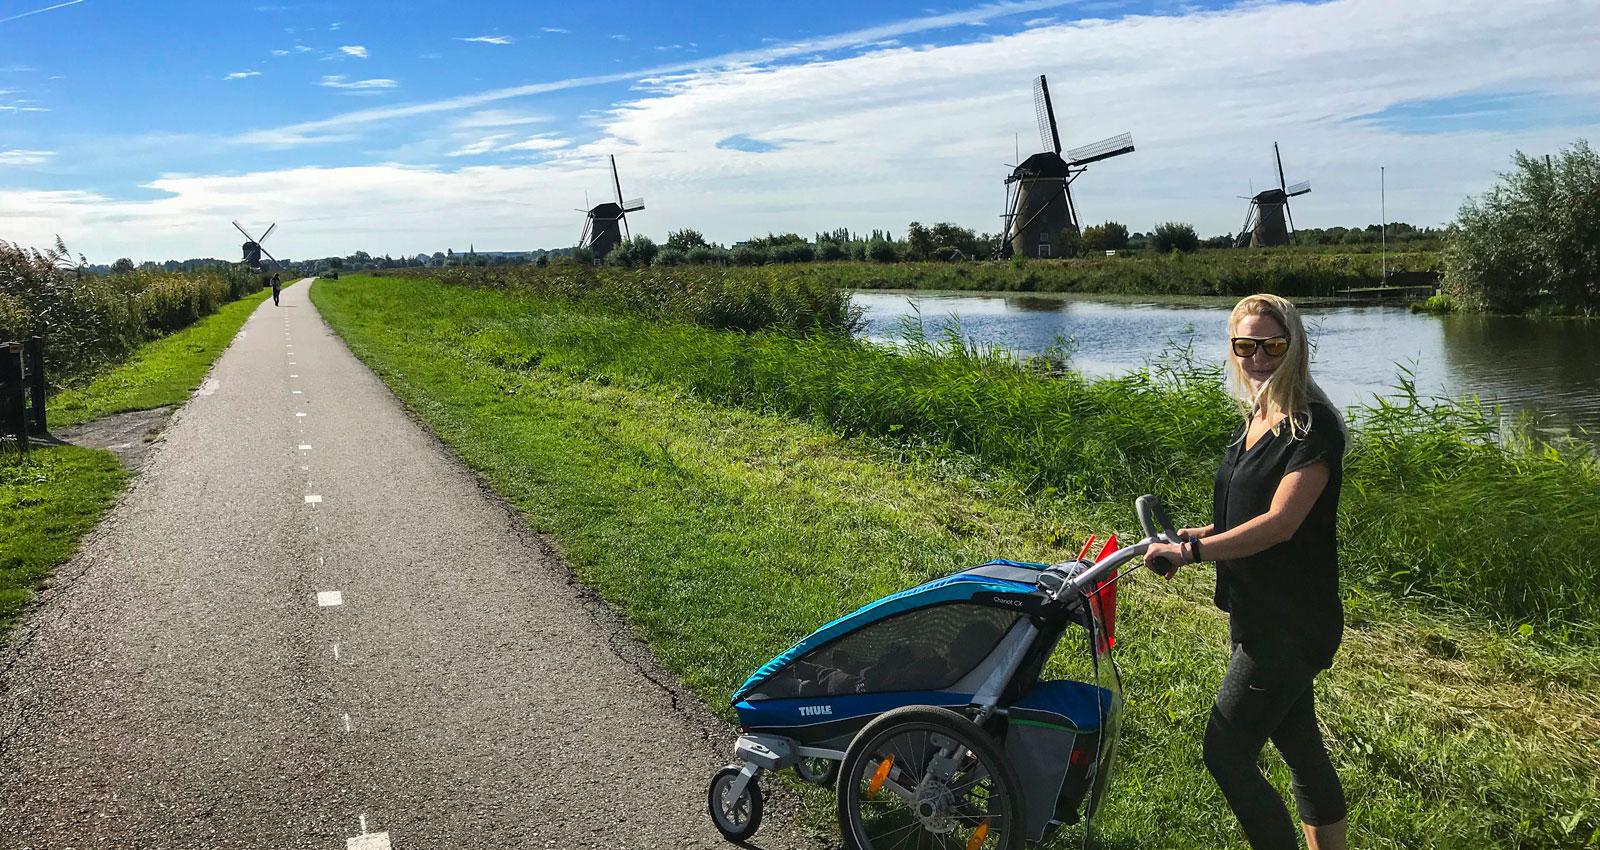 Gåvagn, cykelvagn, springvagn. Kärt barn har många namn. Kinderdijk, Holland.